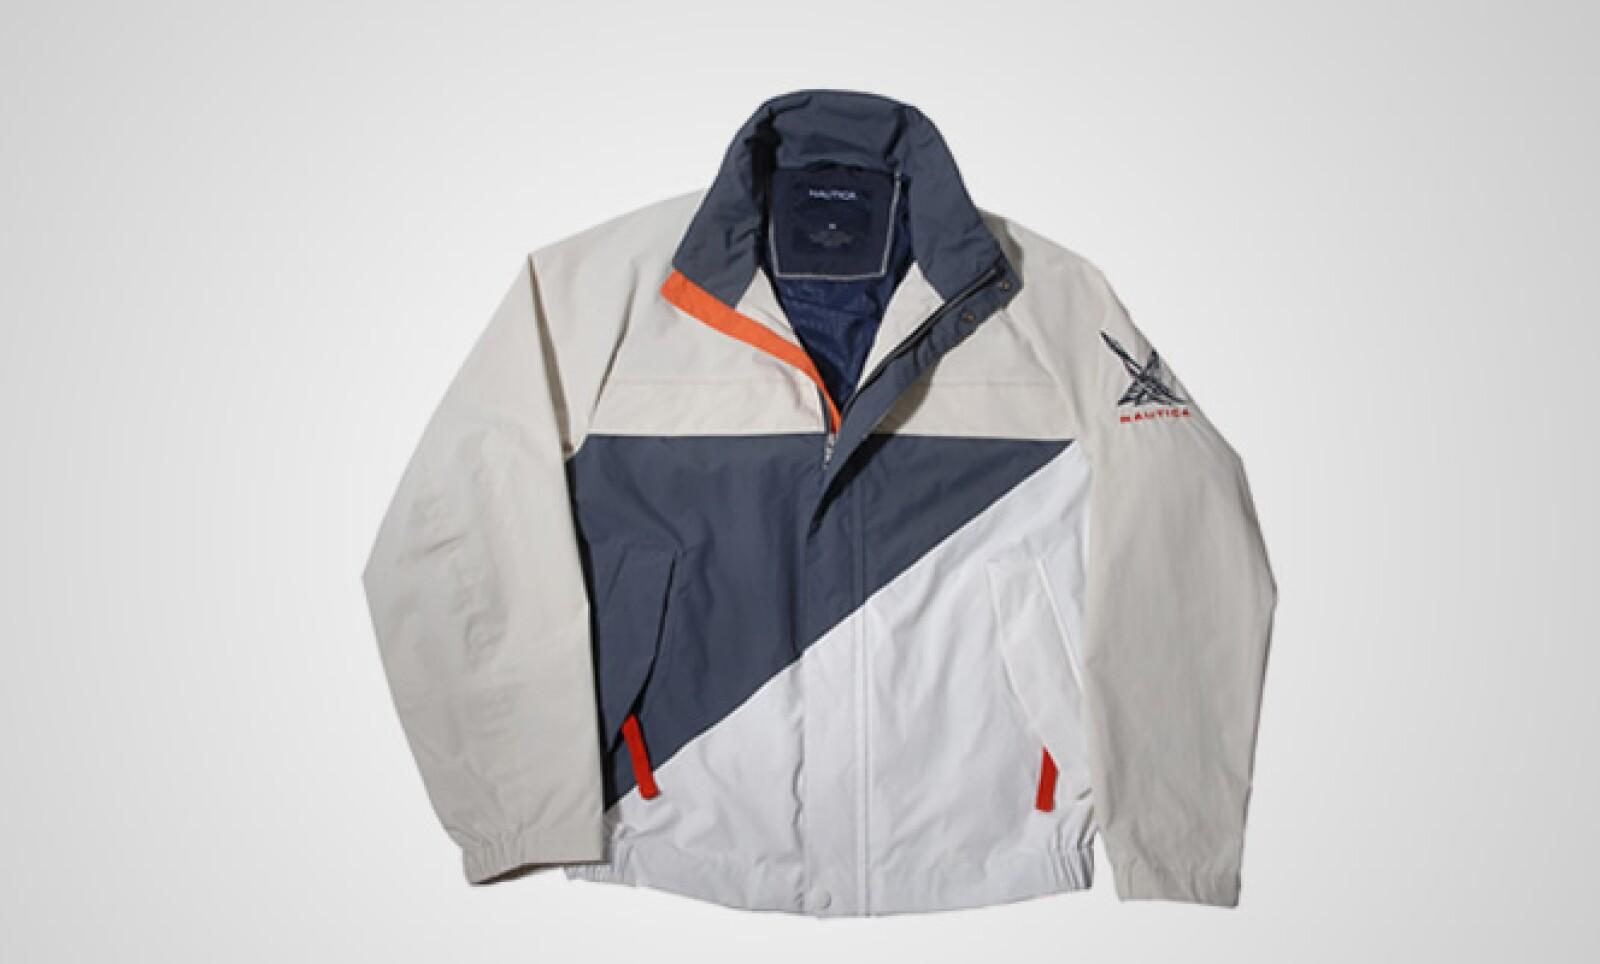 La firma estadounidense presenta su colección otoño-invierno con sus particulares prendas en color café, azul marino y toques vivos en naranja.